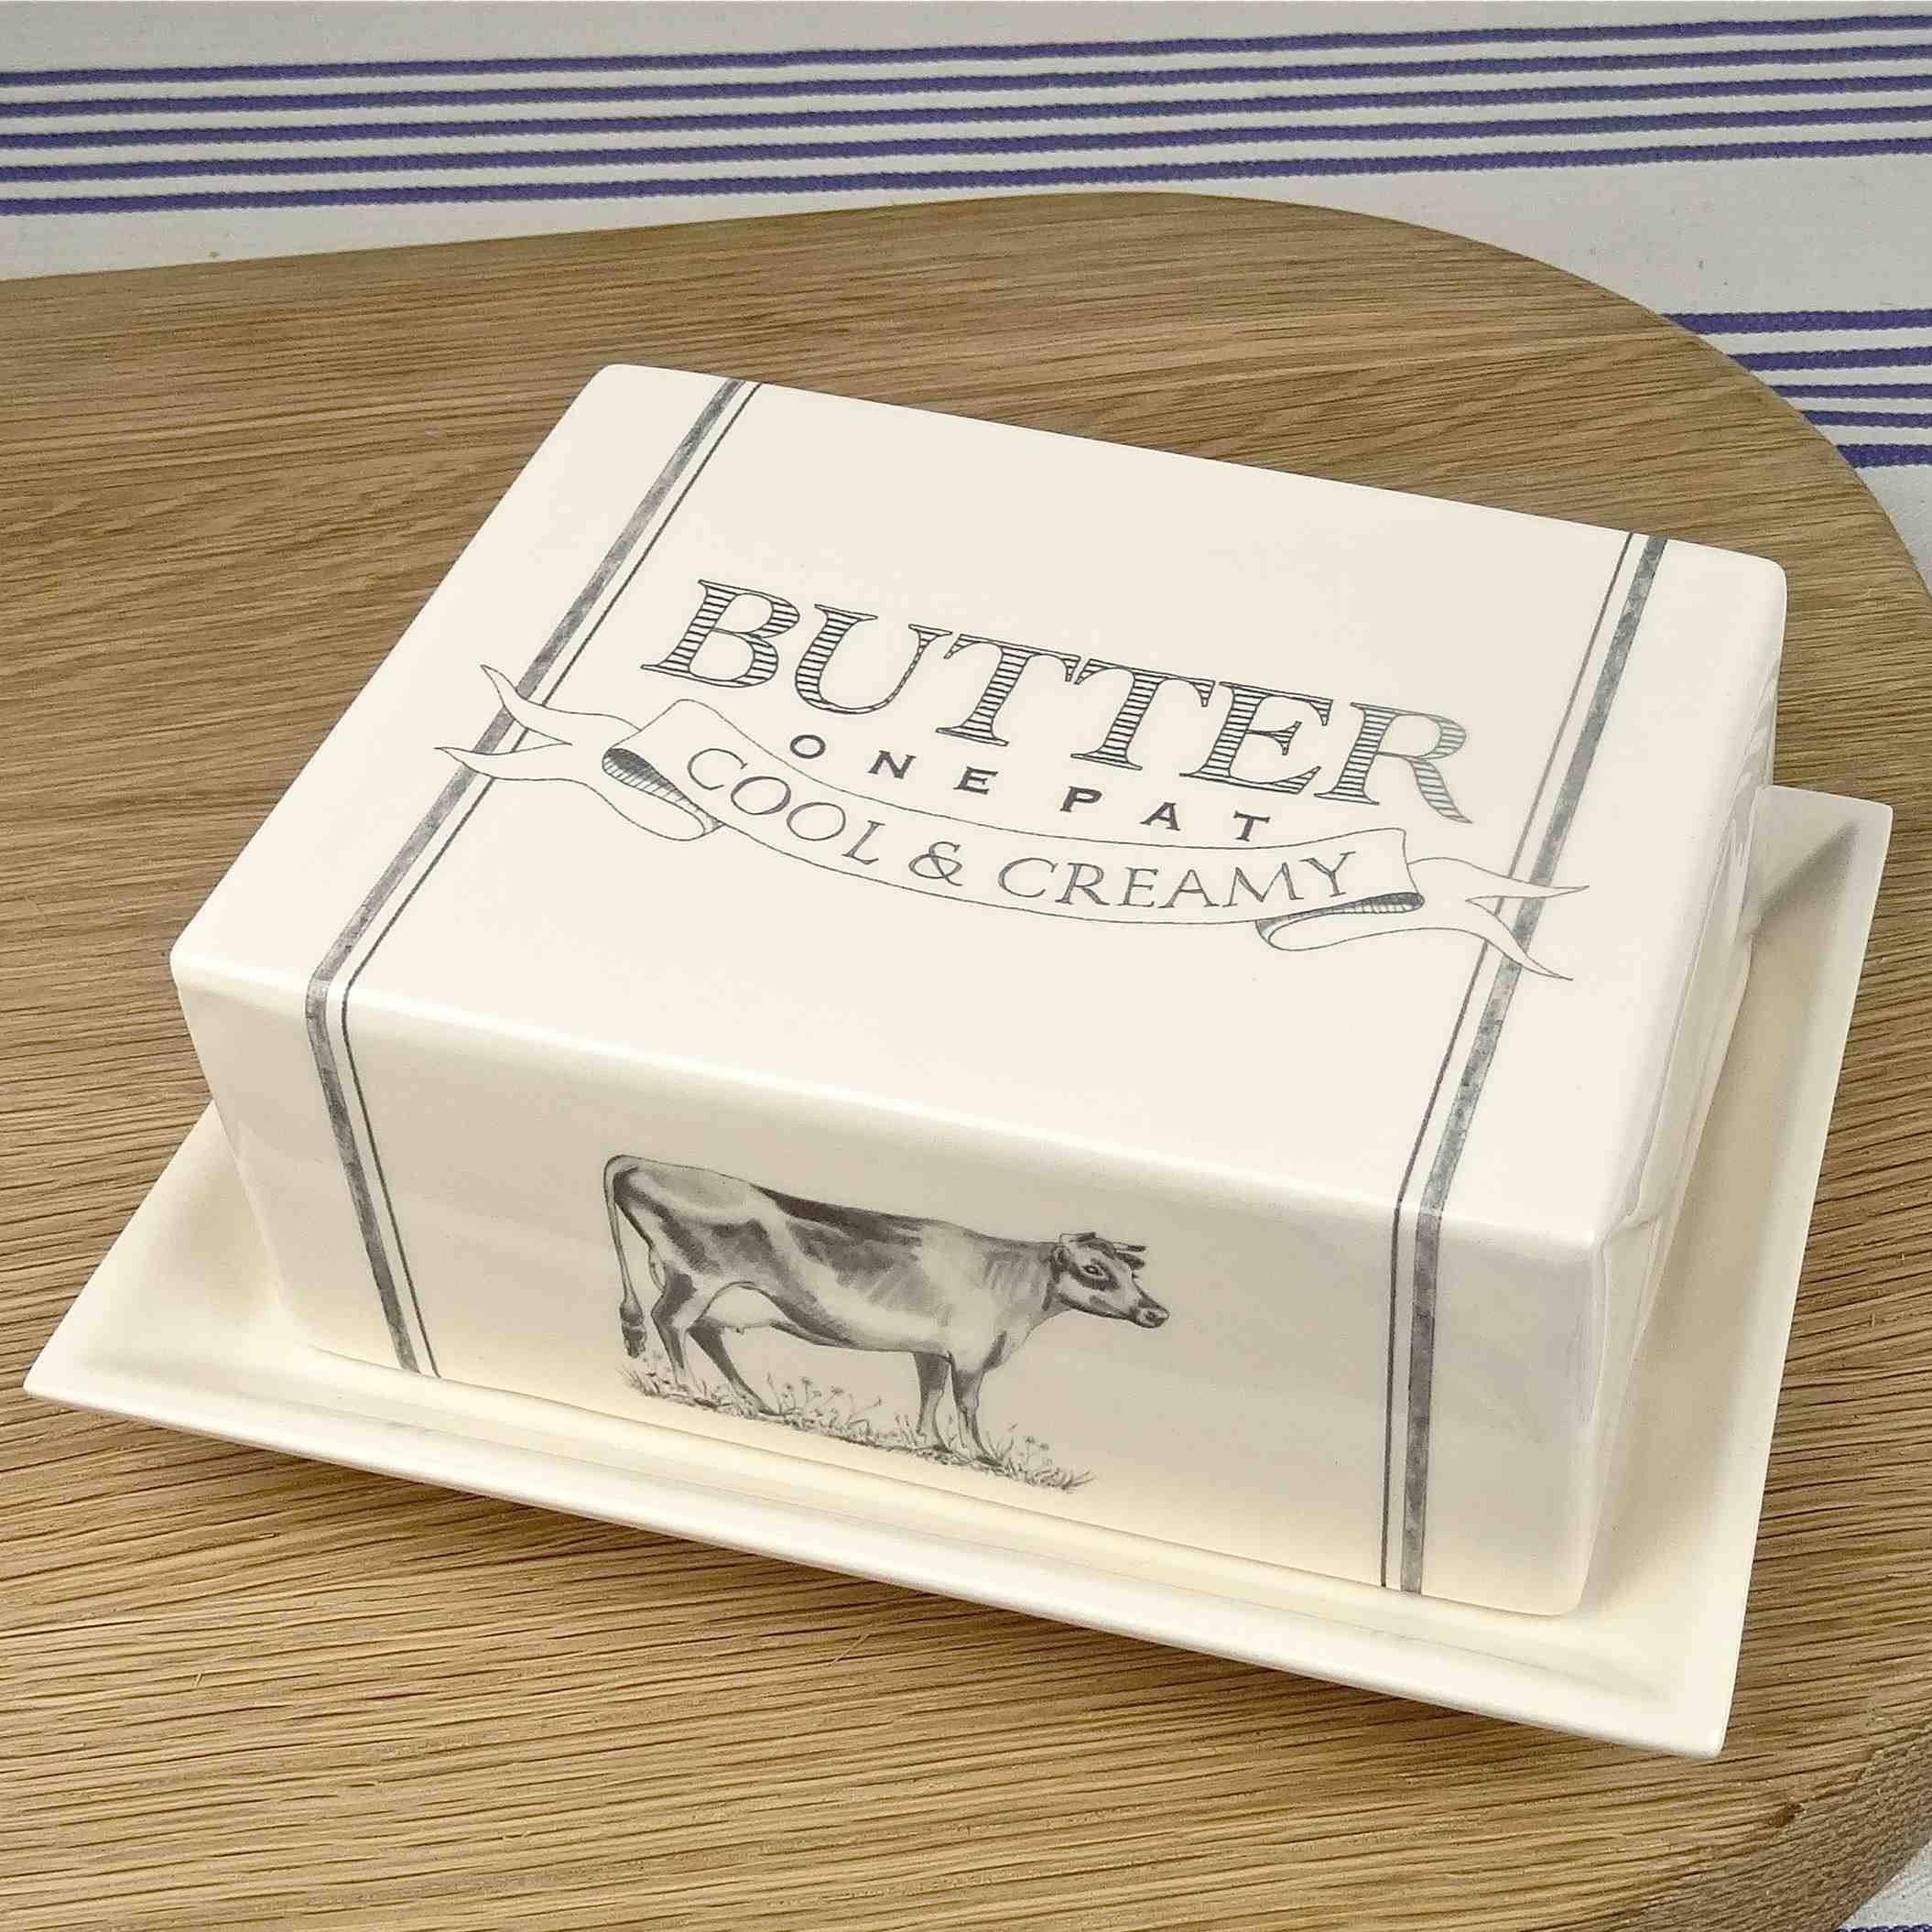 butter dish hand made ceramics dairy range katie brinsley beatrice von Preussen